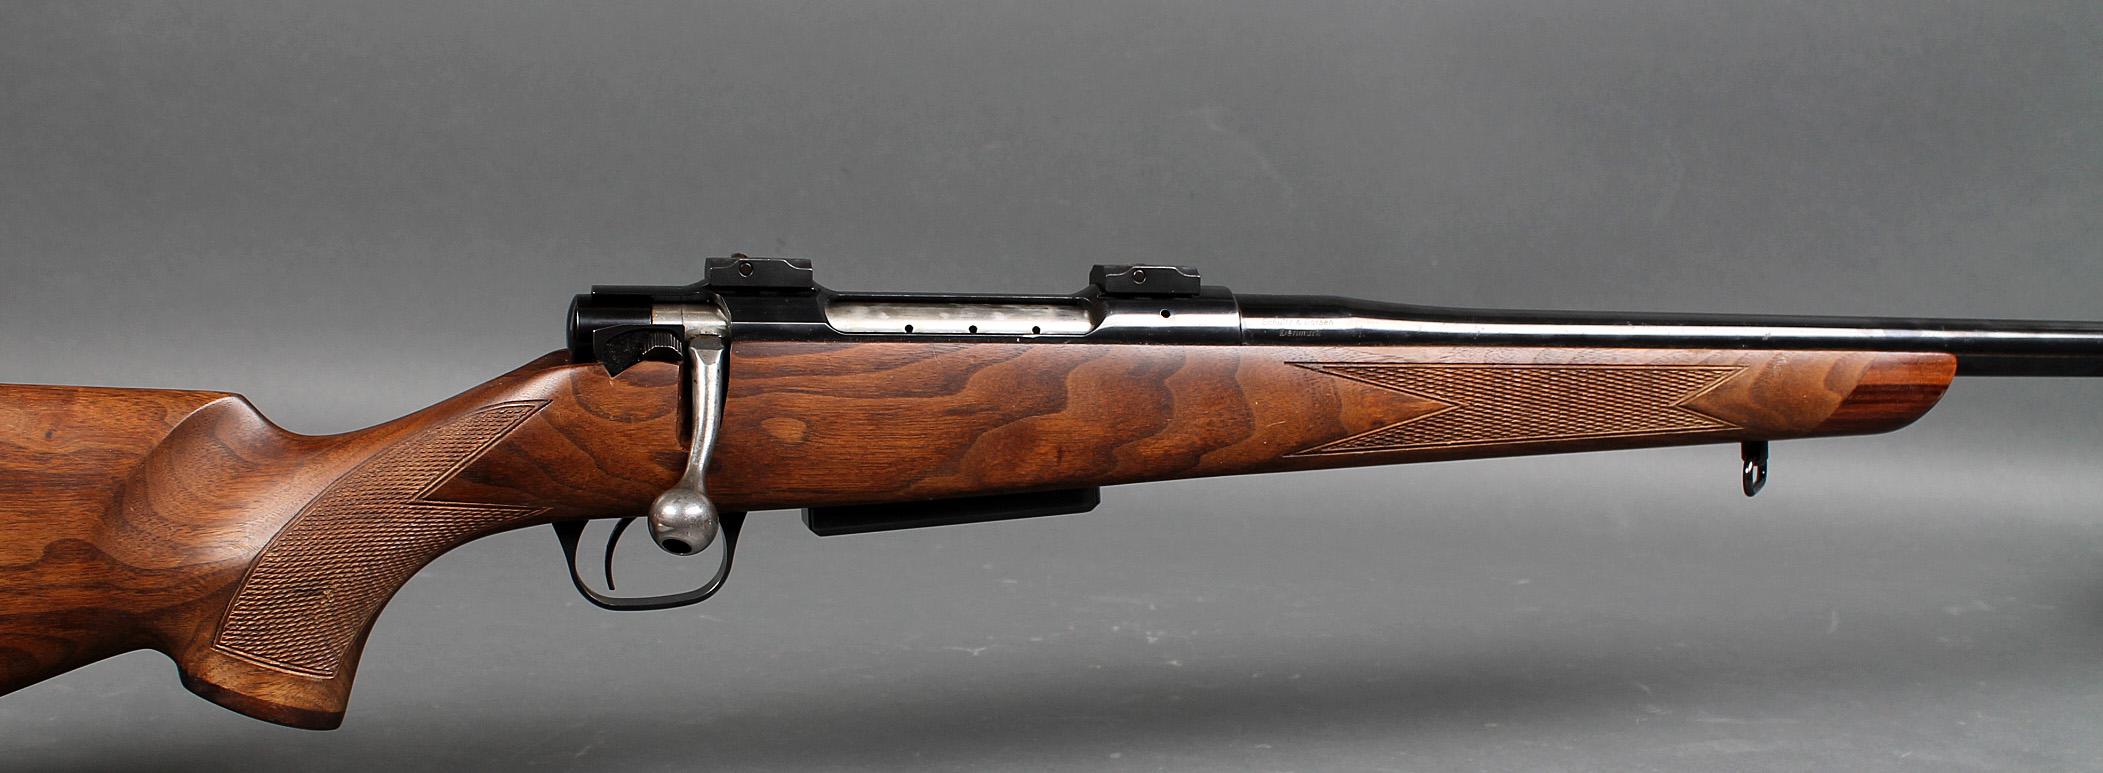 Schultz & Larsen M97 rifle